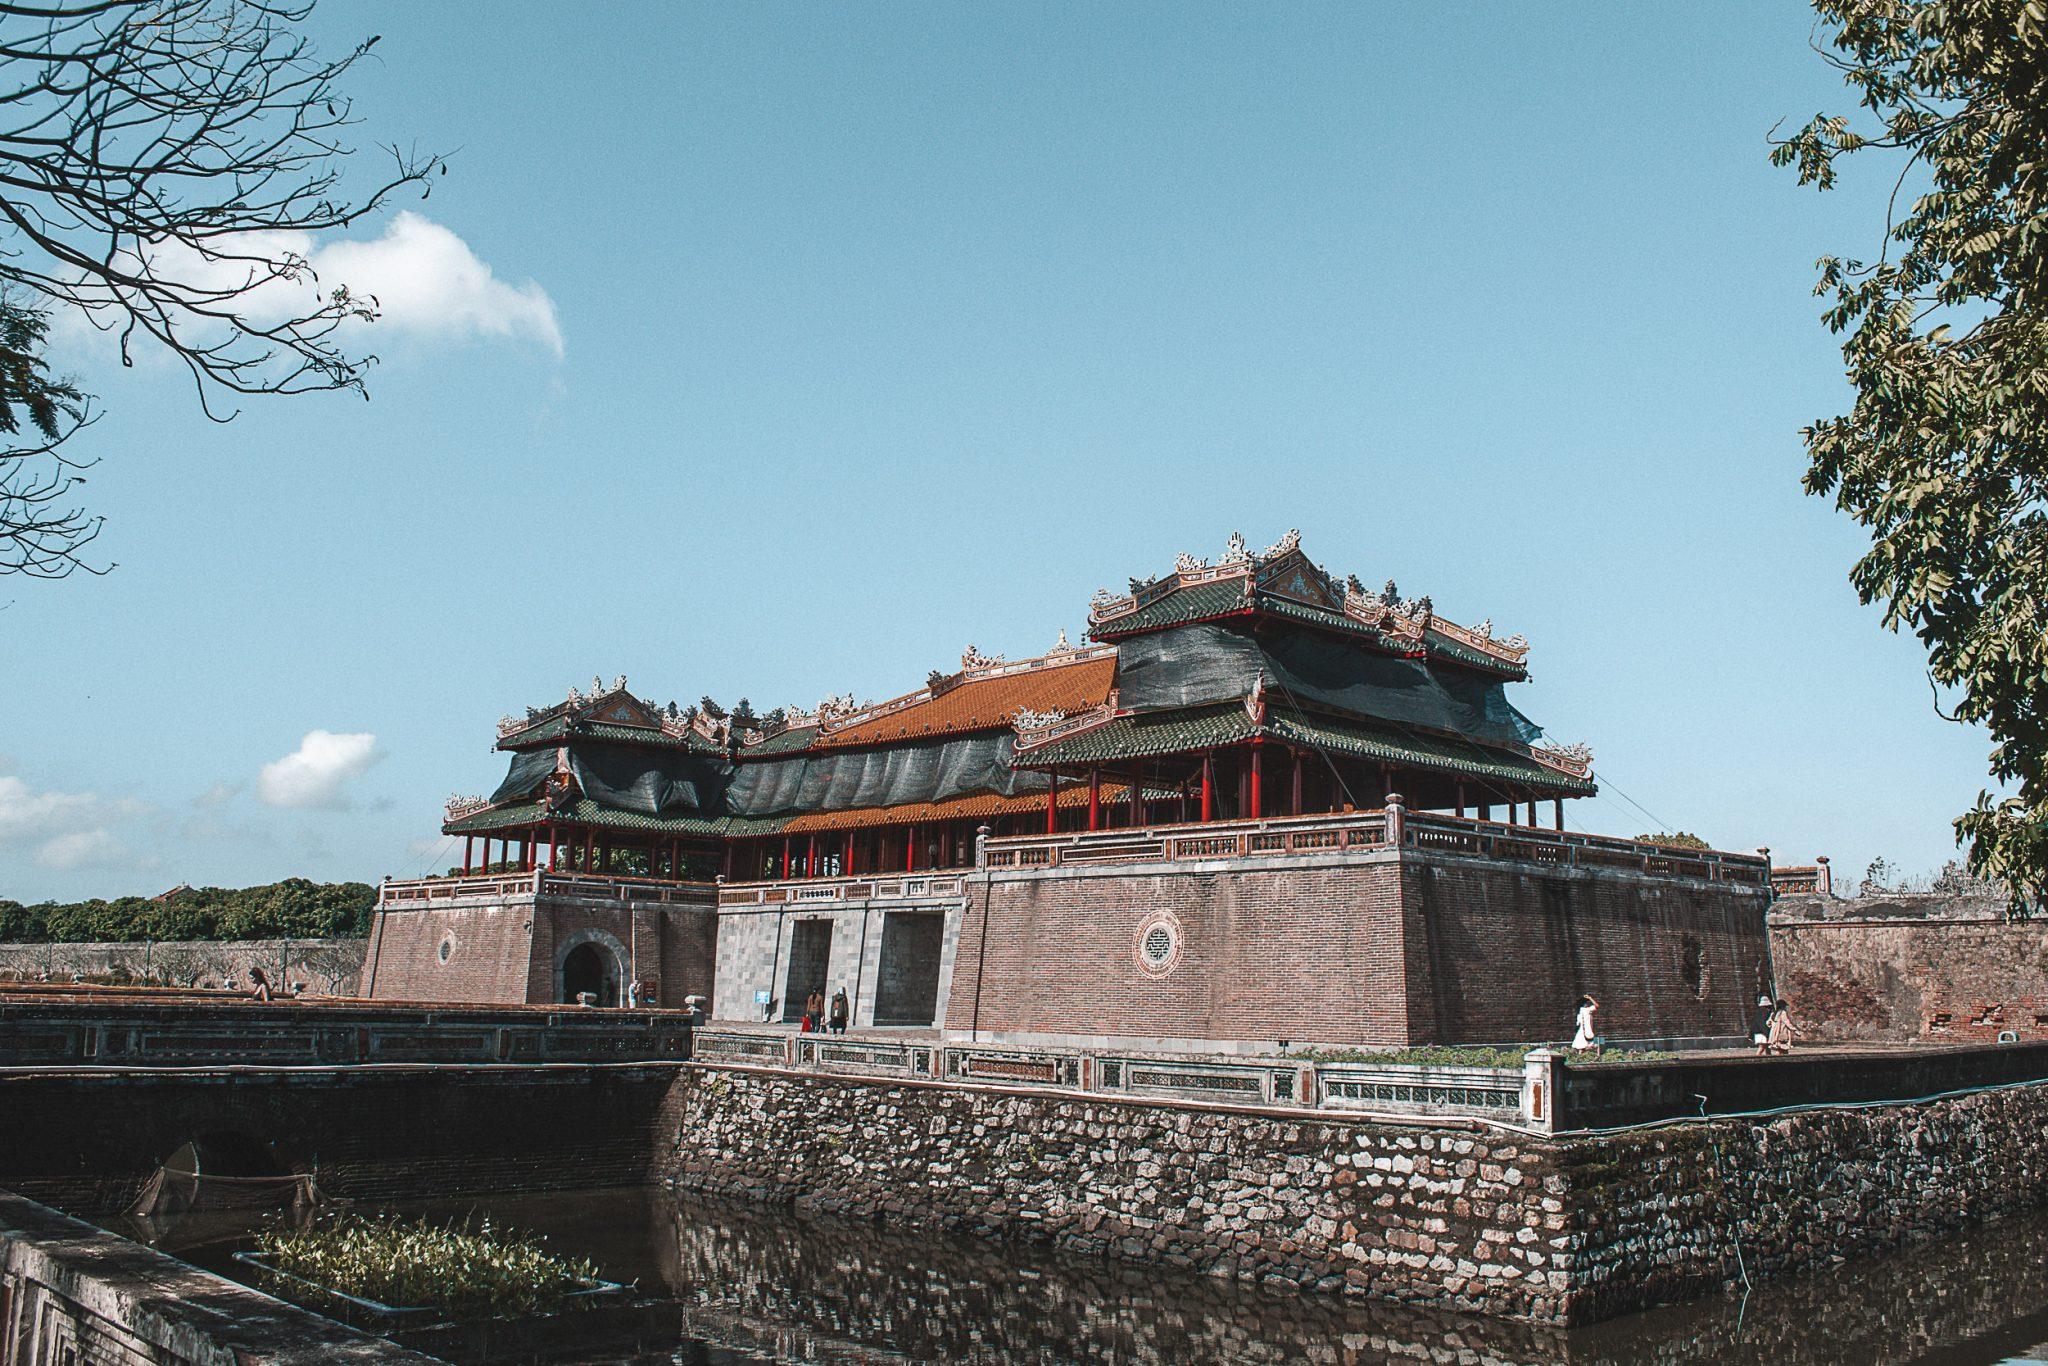 Citadela Imperial de Hue